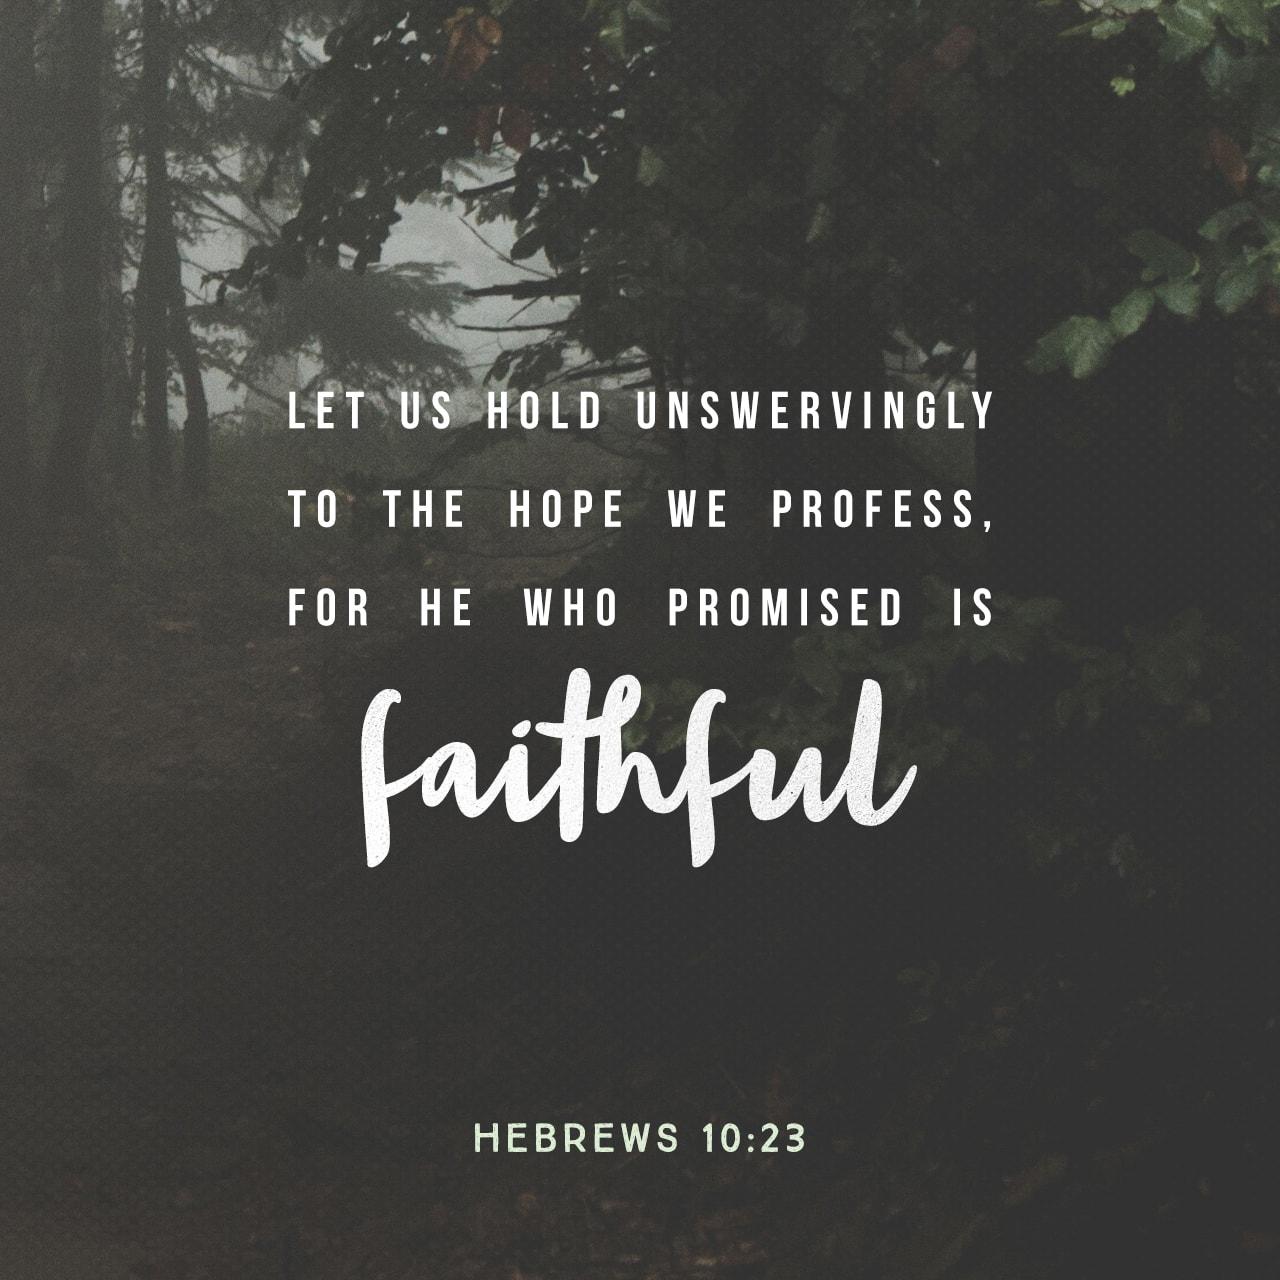 Hebrews 10:23